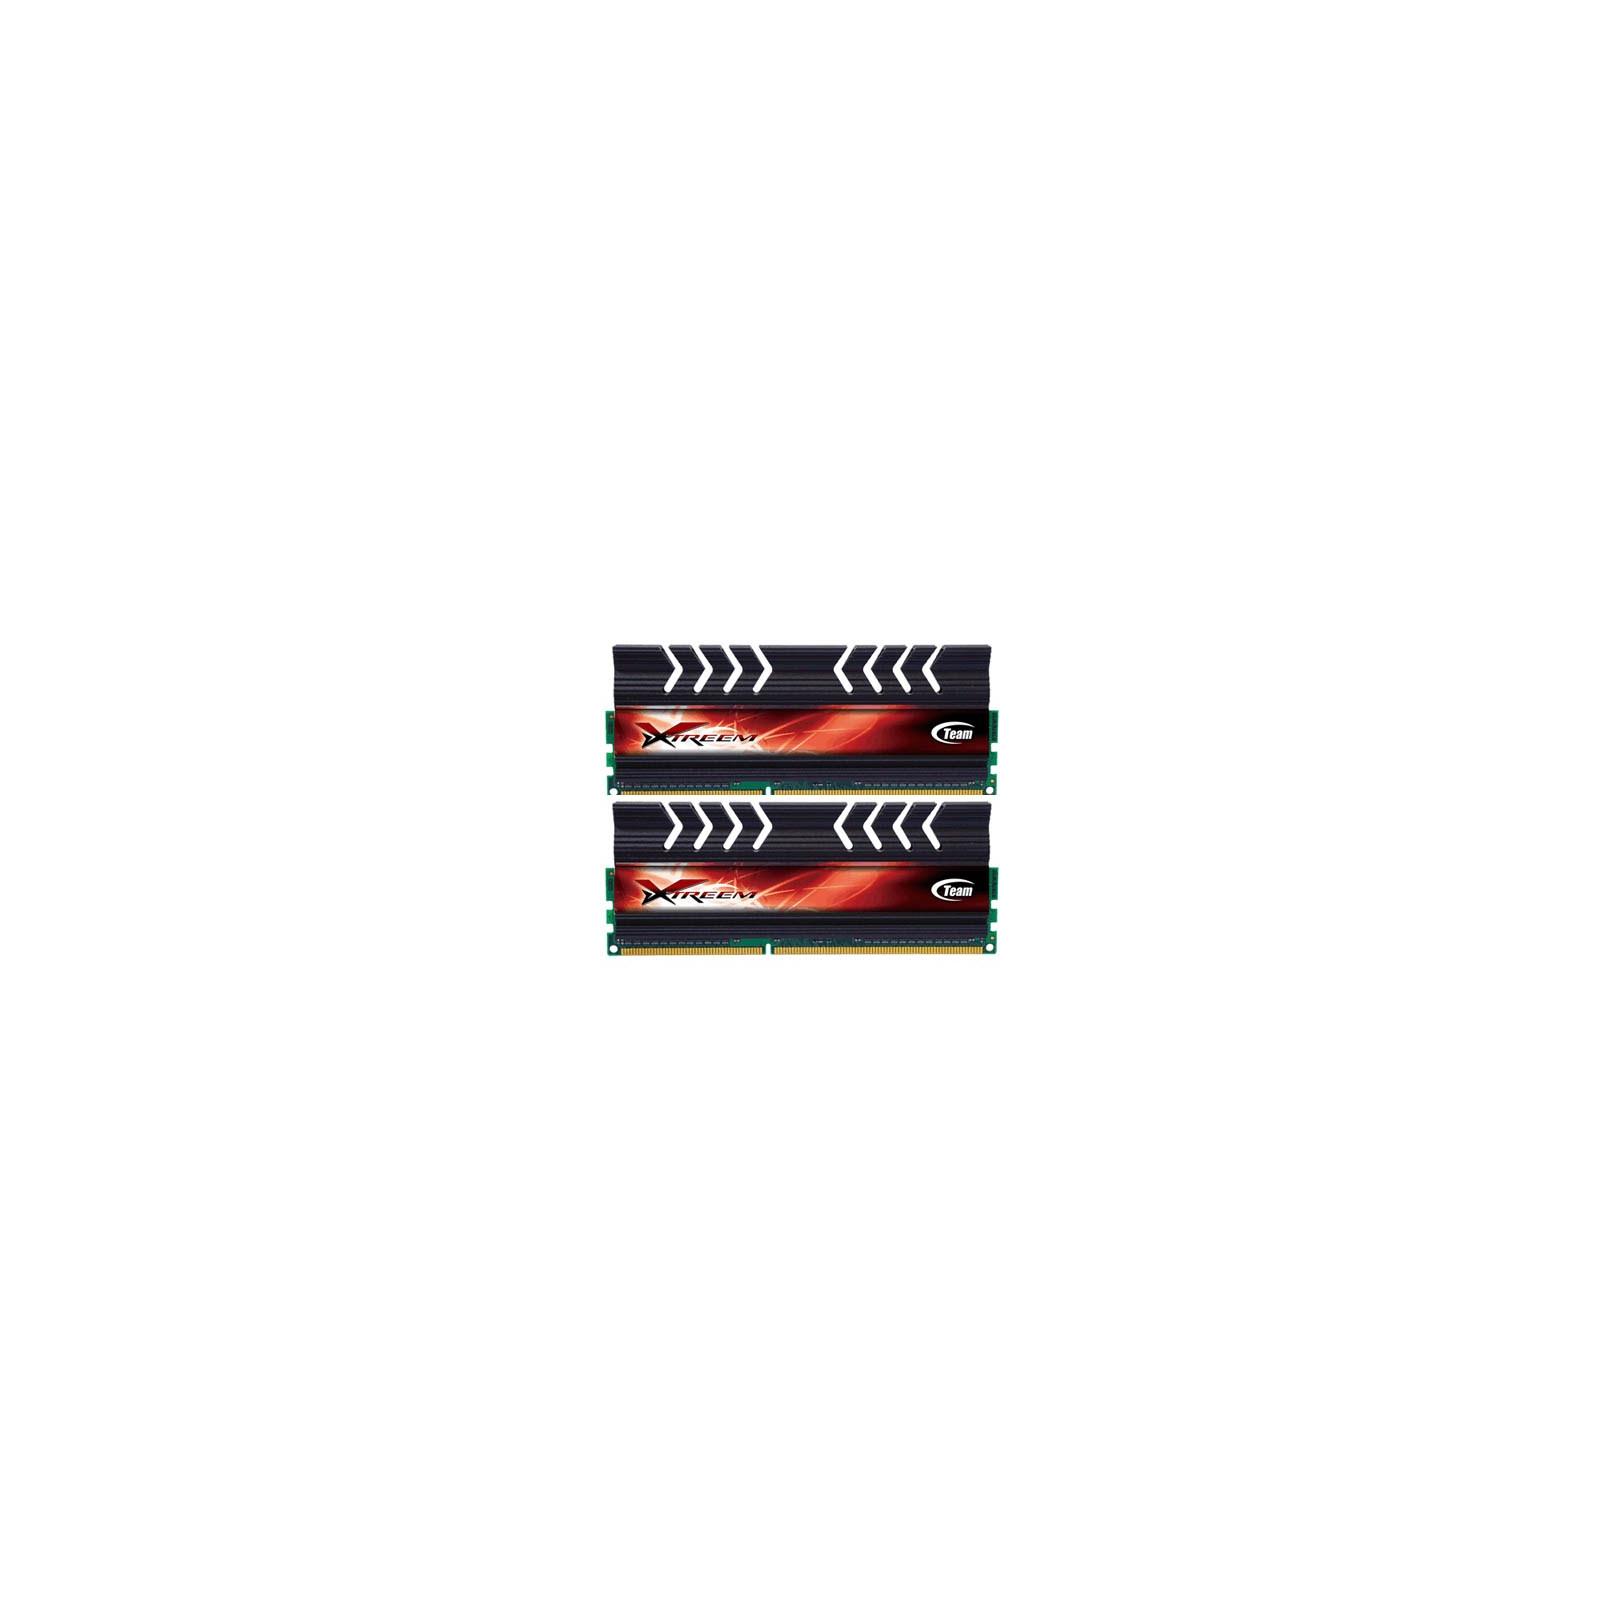 Модуль памяти для компьютера DDR3 16GB (2x8GB) 2800 MHz Team (TXD316G2800HC12DDC01)